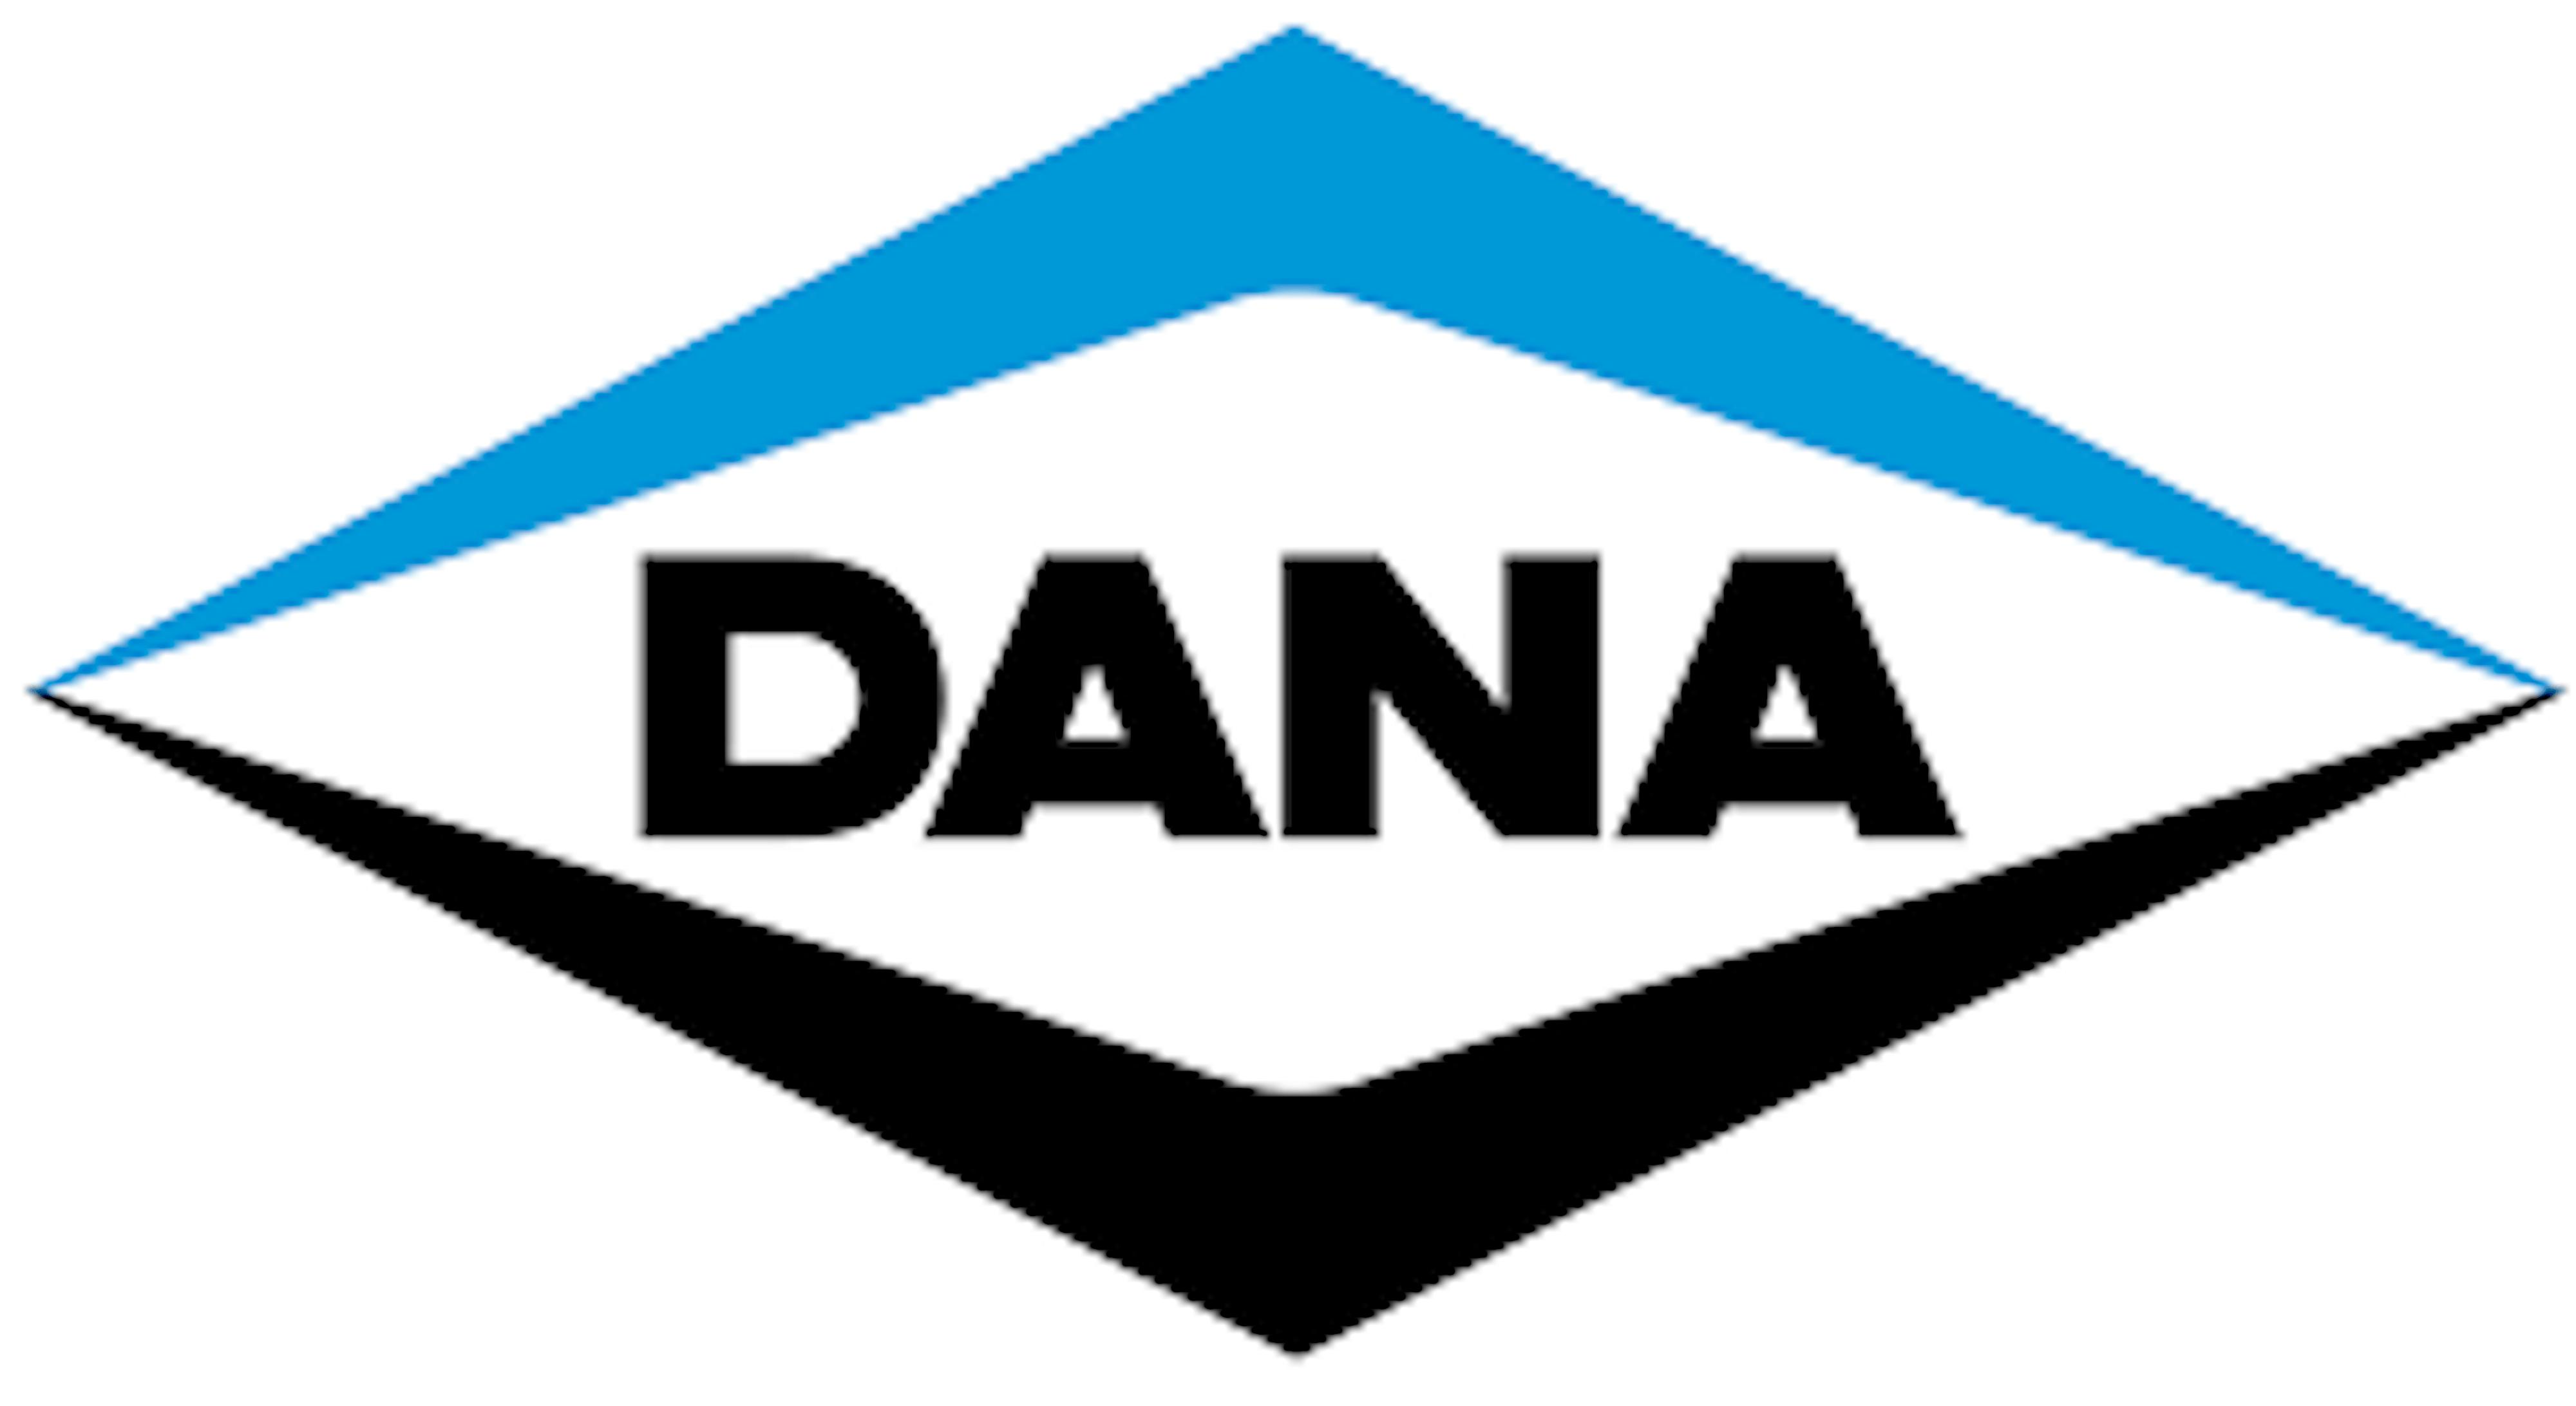 Dana Belgium logo